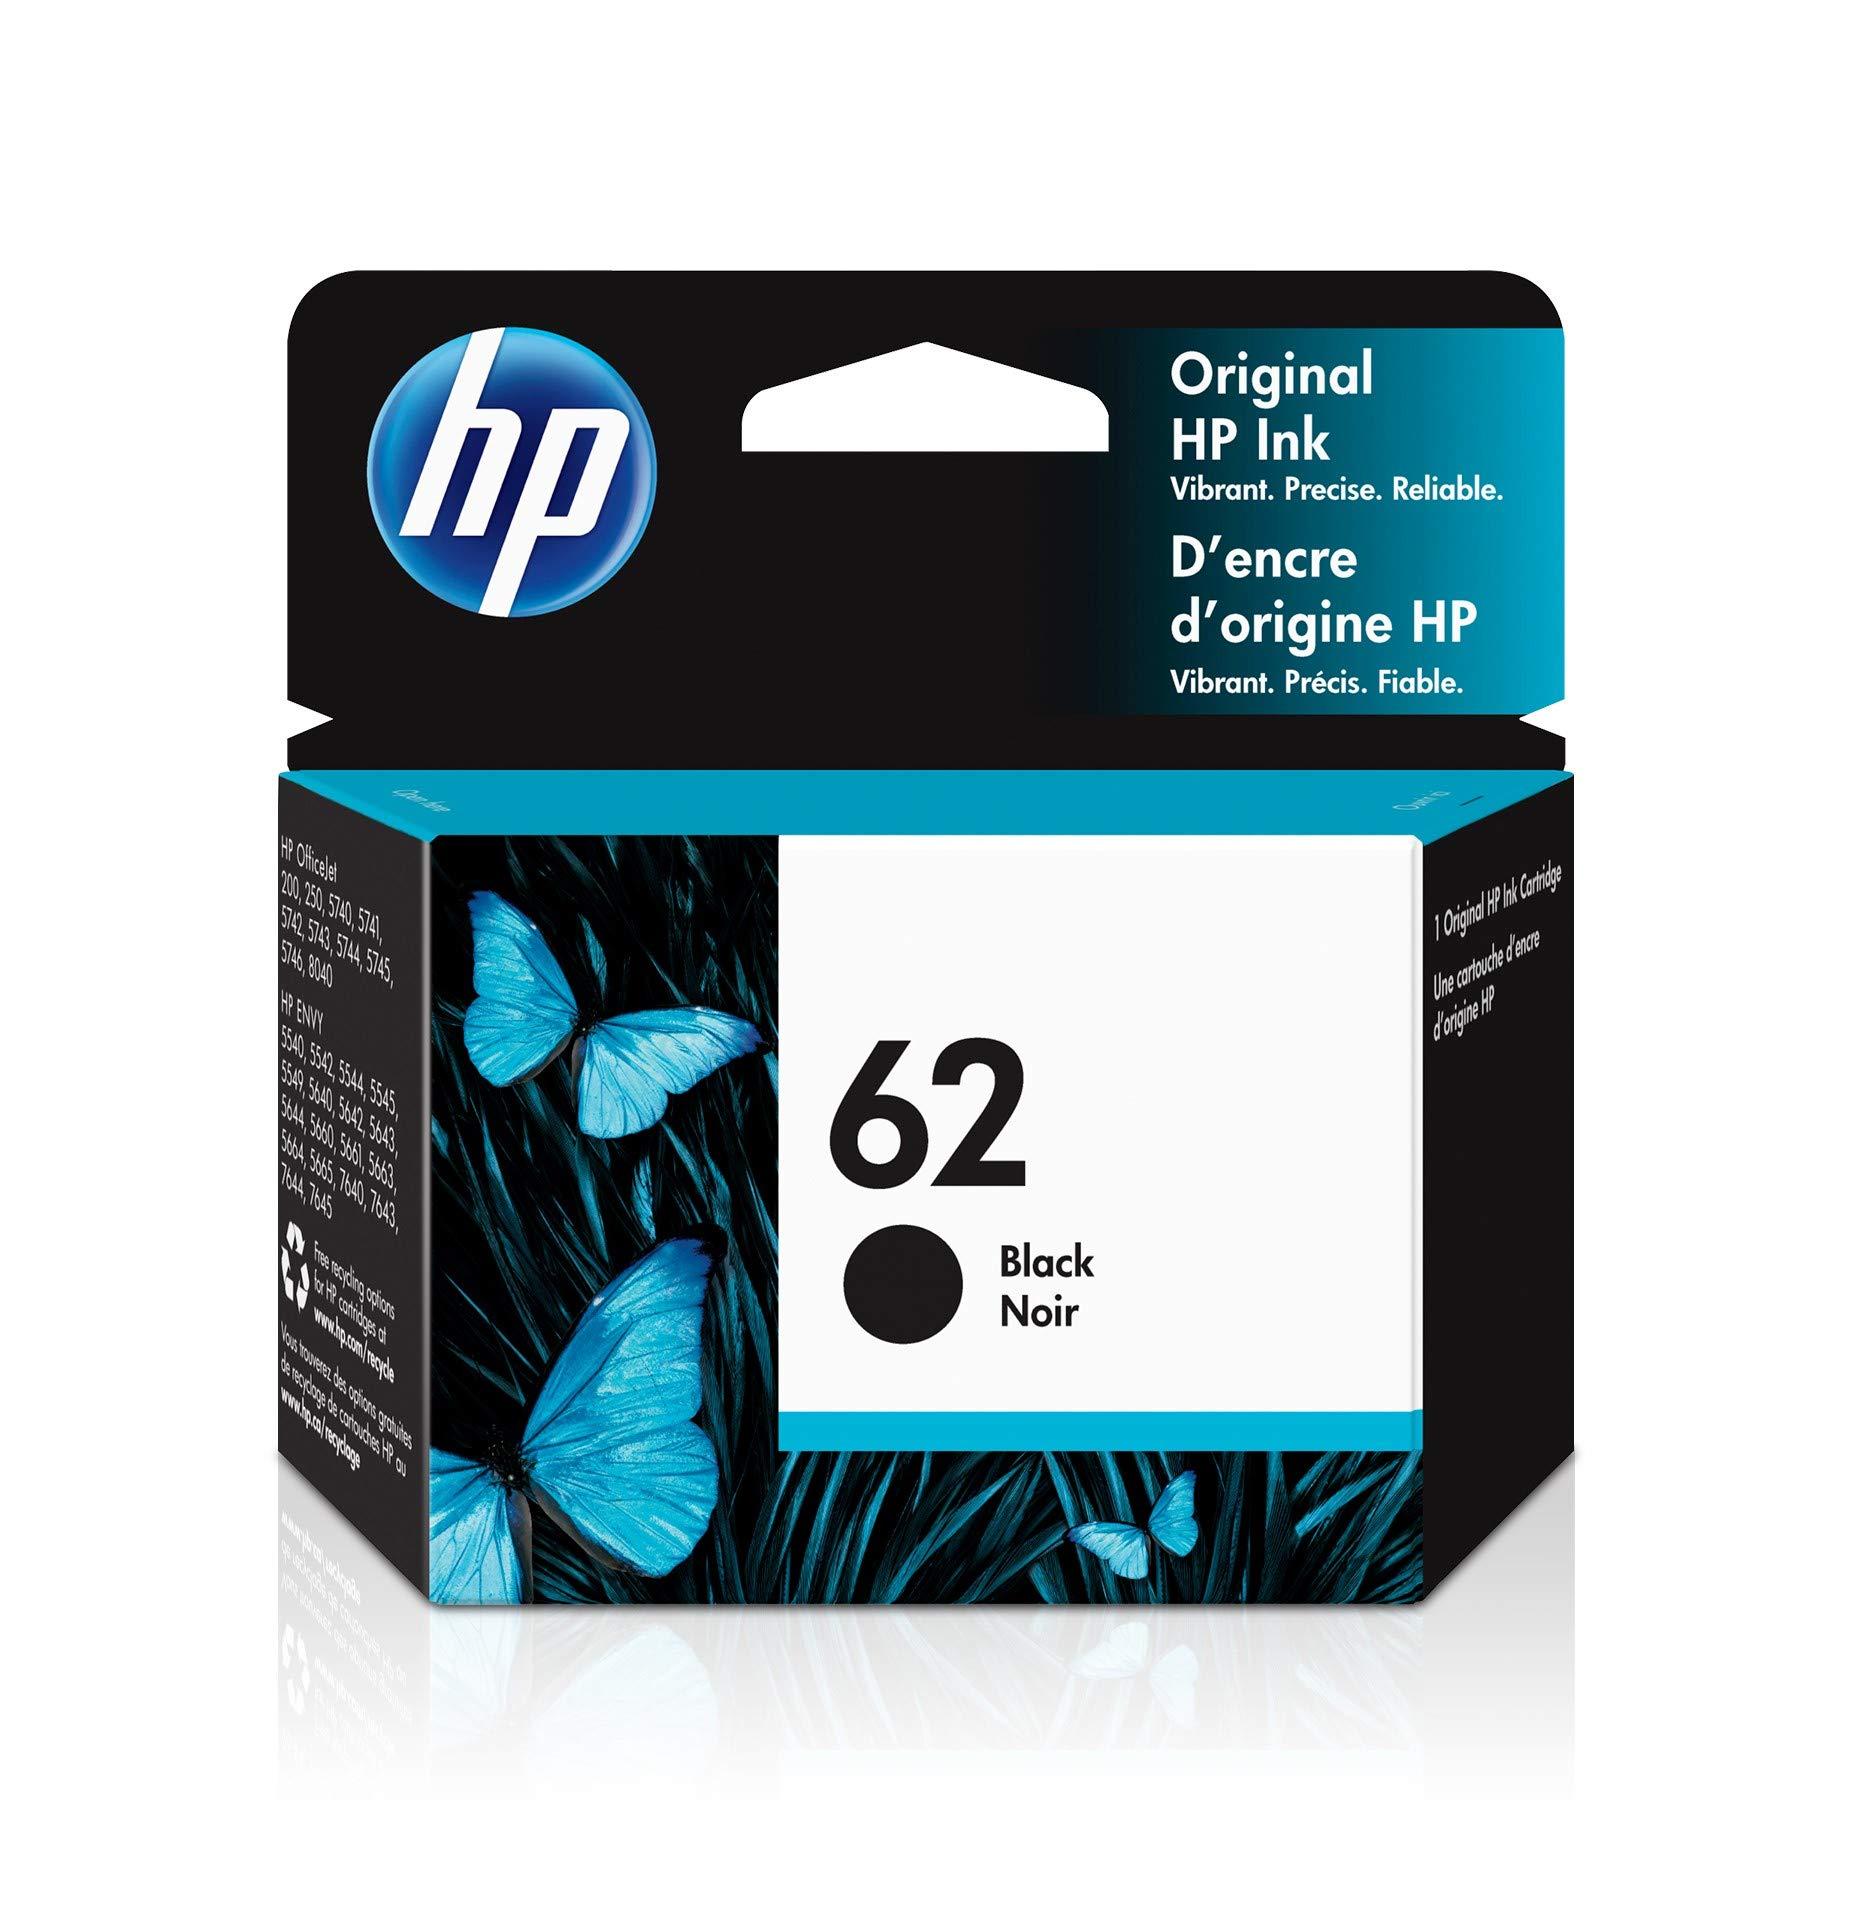 HP 62 | Ink Cartridge | Works with HP ENVY 5500 Series, 5600 Series, 7600 Series, HP Officejet 200, 250, 258, 5700 Series, 8040 | Black | C2P04AN